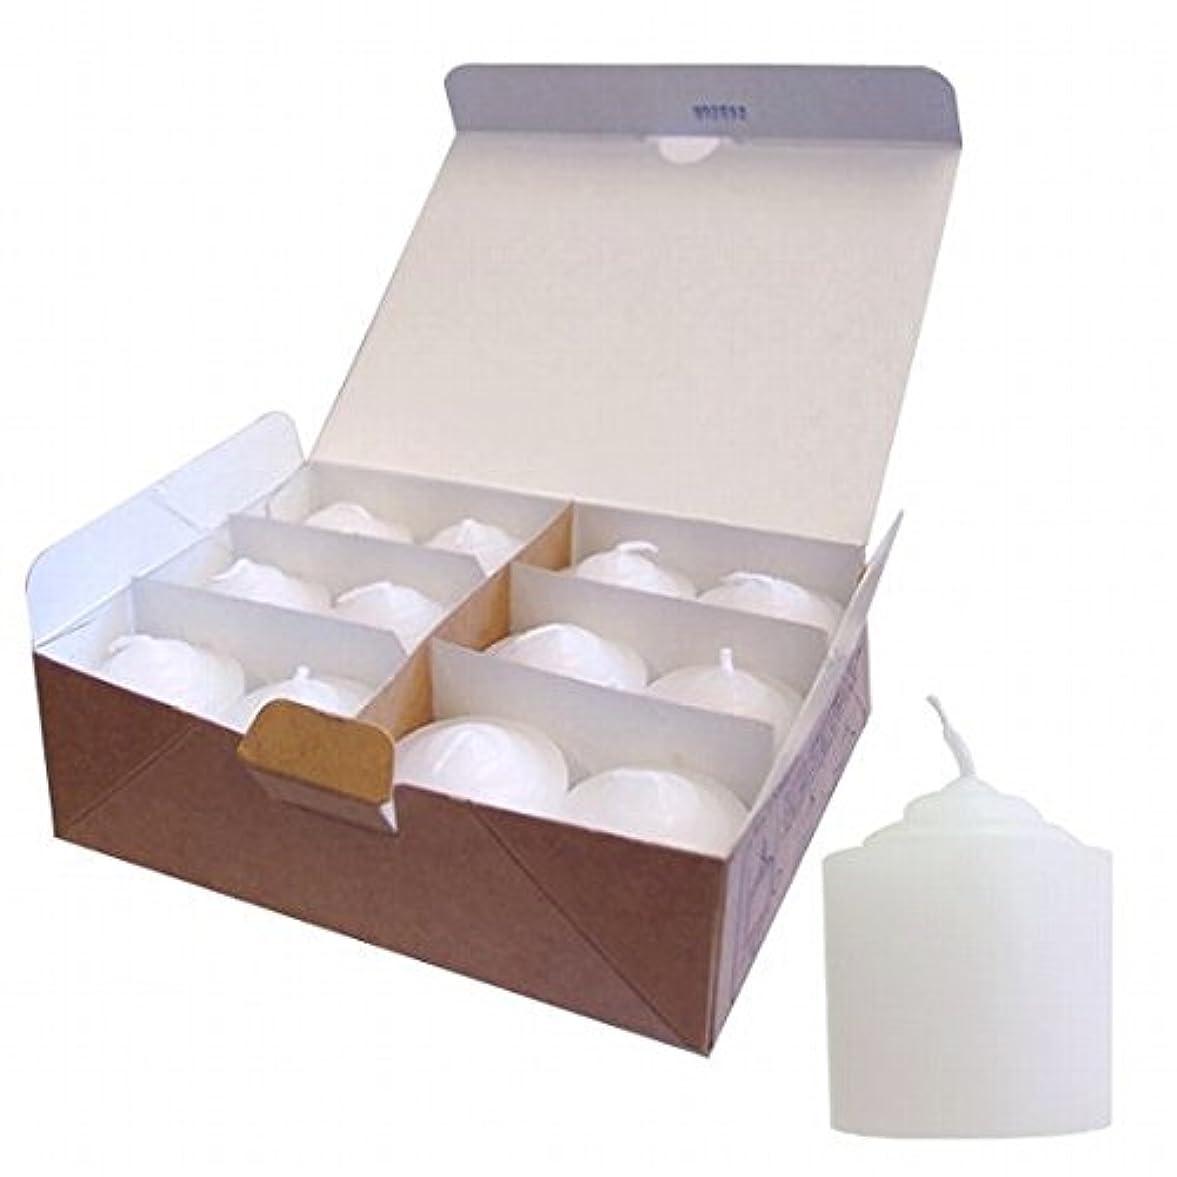 速記債務フェリーカメヤマキャンドル( kameyama candle ) 8Hライト(8時間タイプ)12個入り